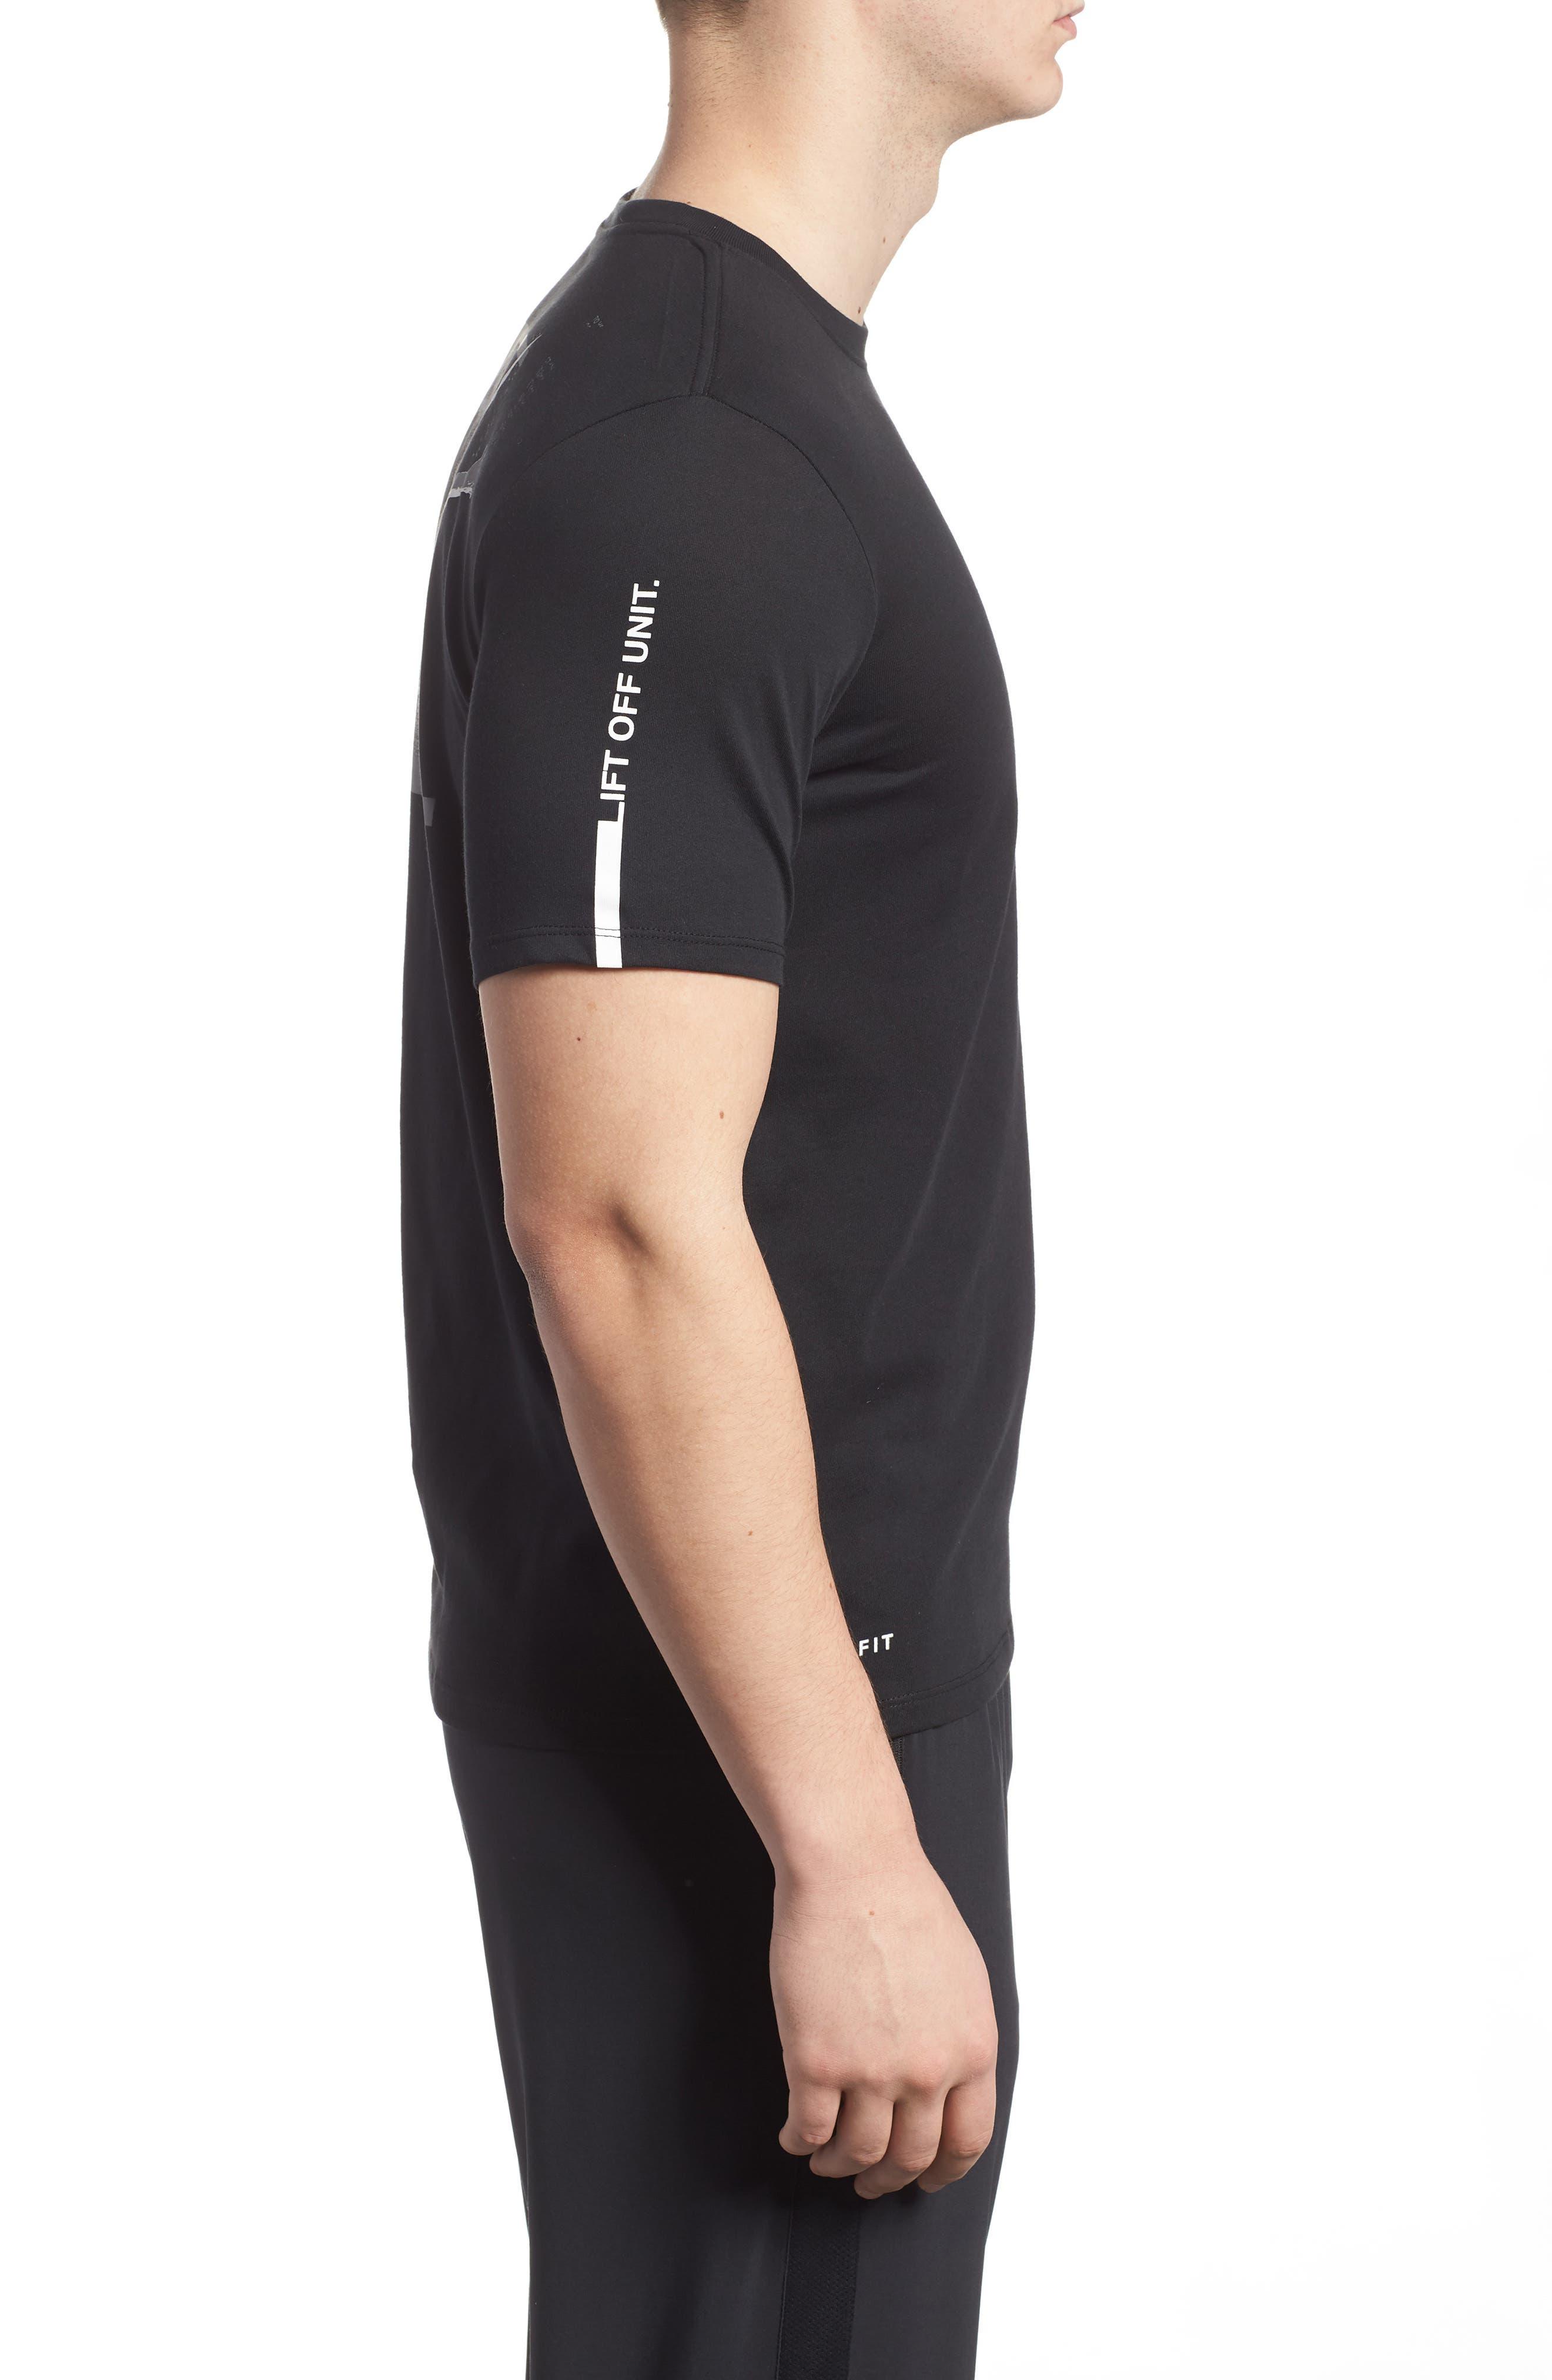 Dry Unit T-Shirt,                             Alternate thumbnail 3, color,                             Black/ Black